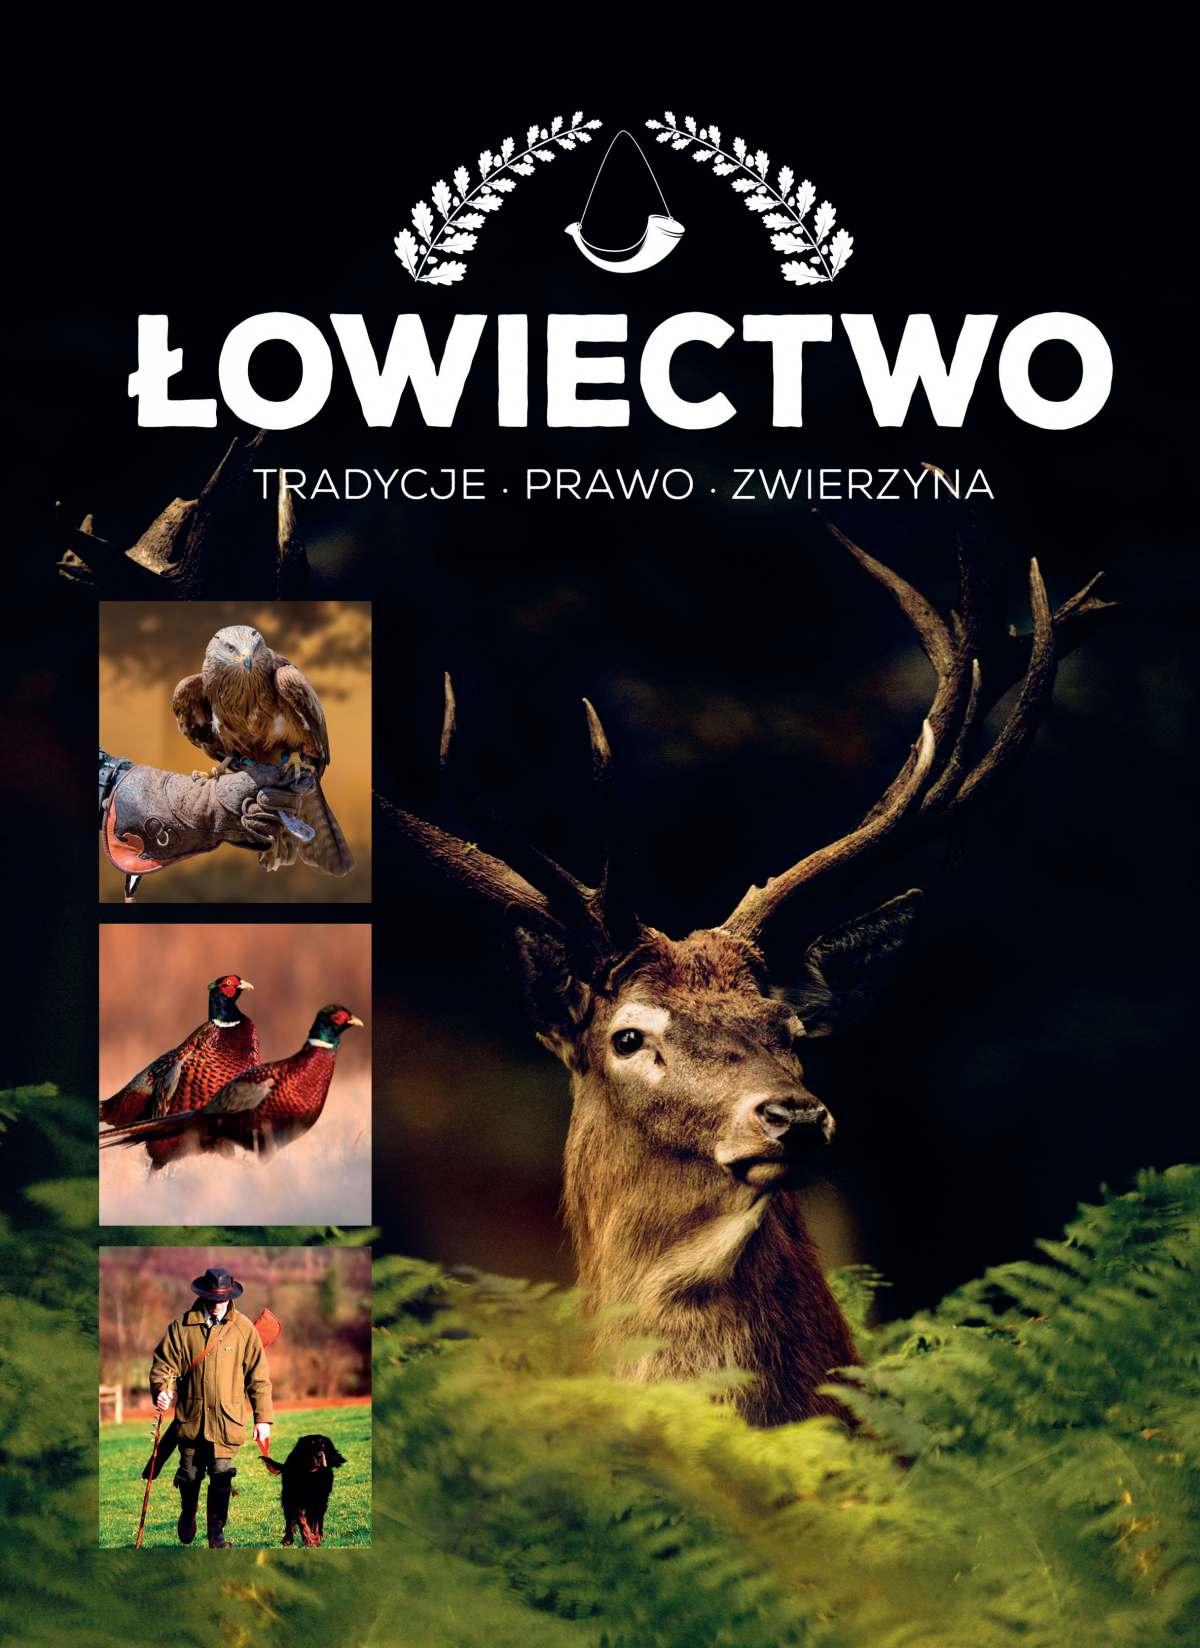 Łowiectwo - Ebook (Książka PDF) do pobrania w formacie PDF